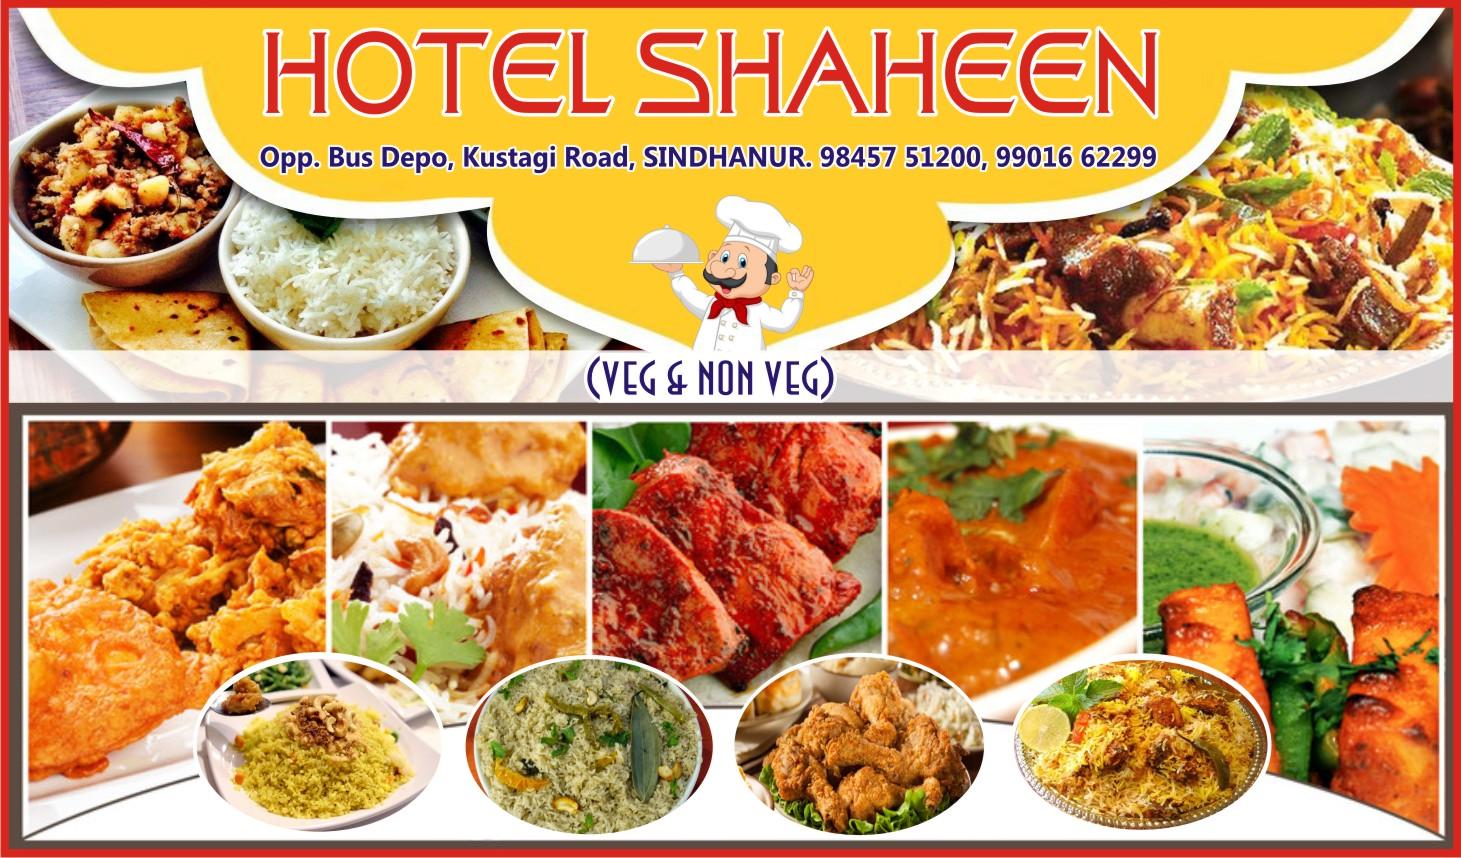 Hotels In Sindhanur